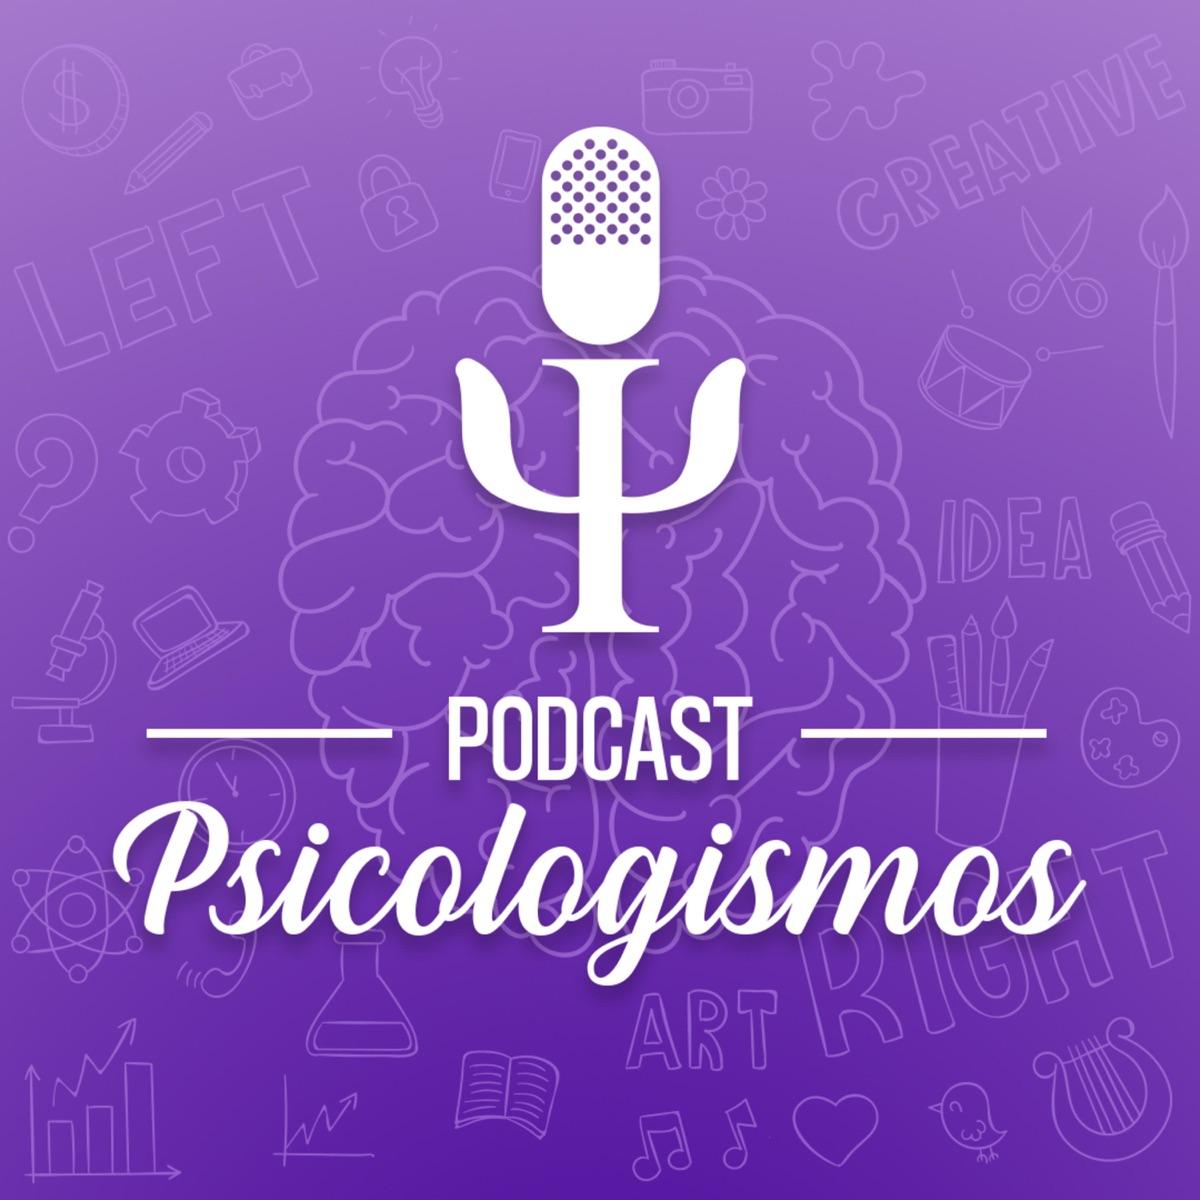 Psicologismos